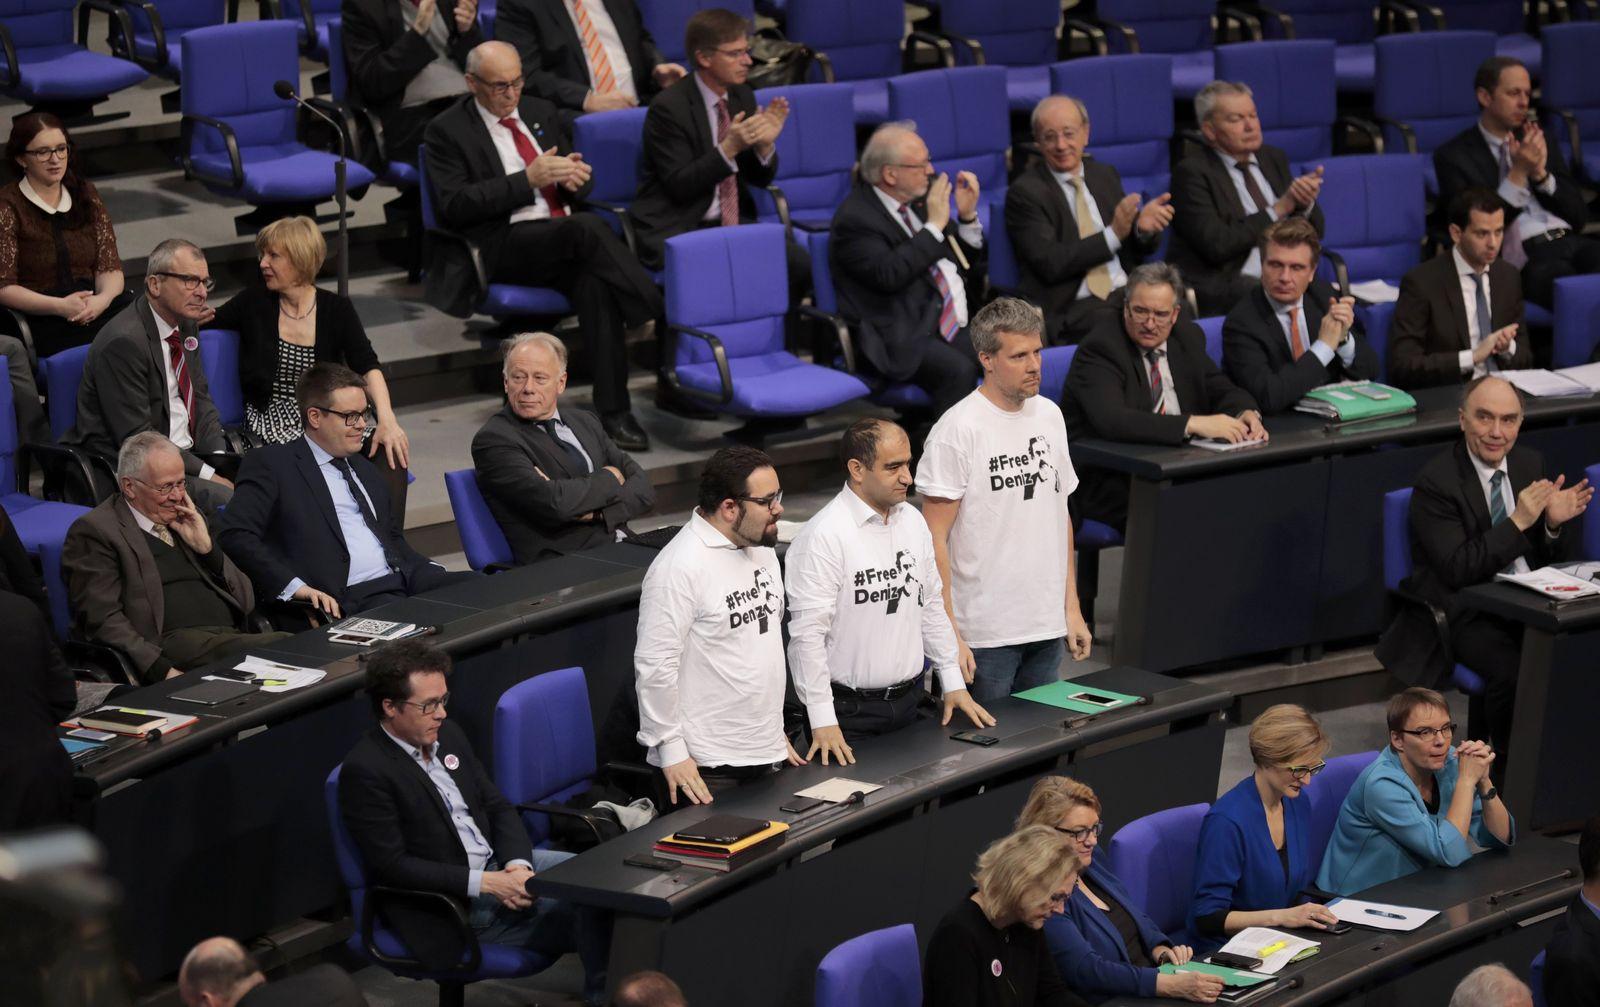 Bundestag / Grünen / Abgeordnete / Free Deniz